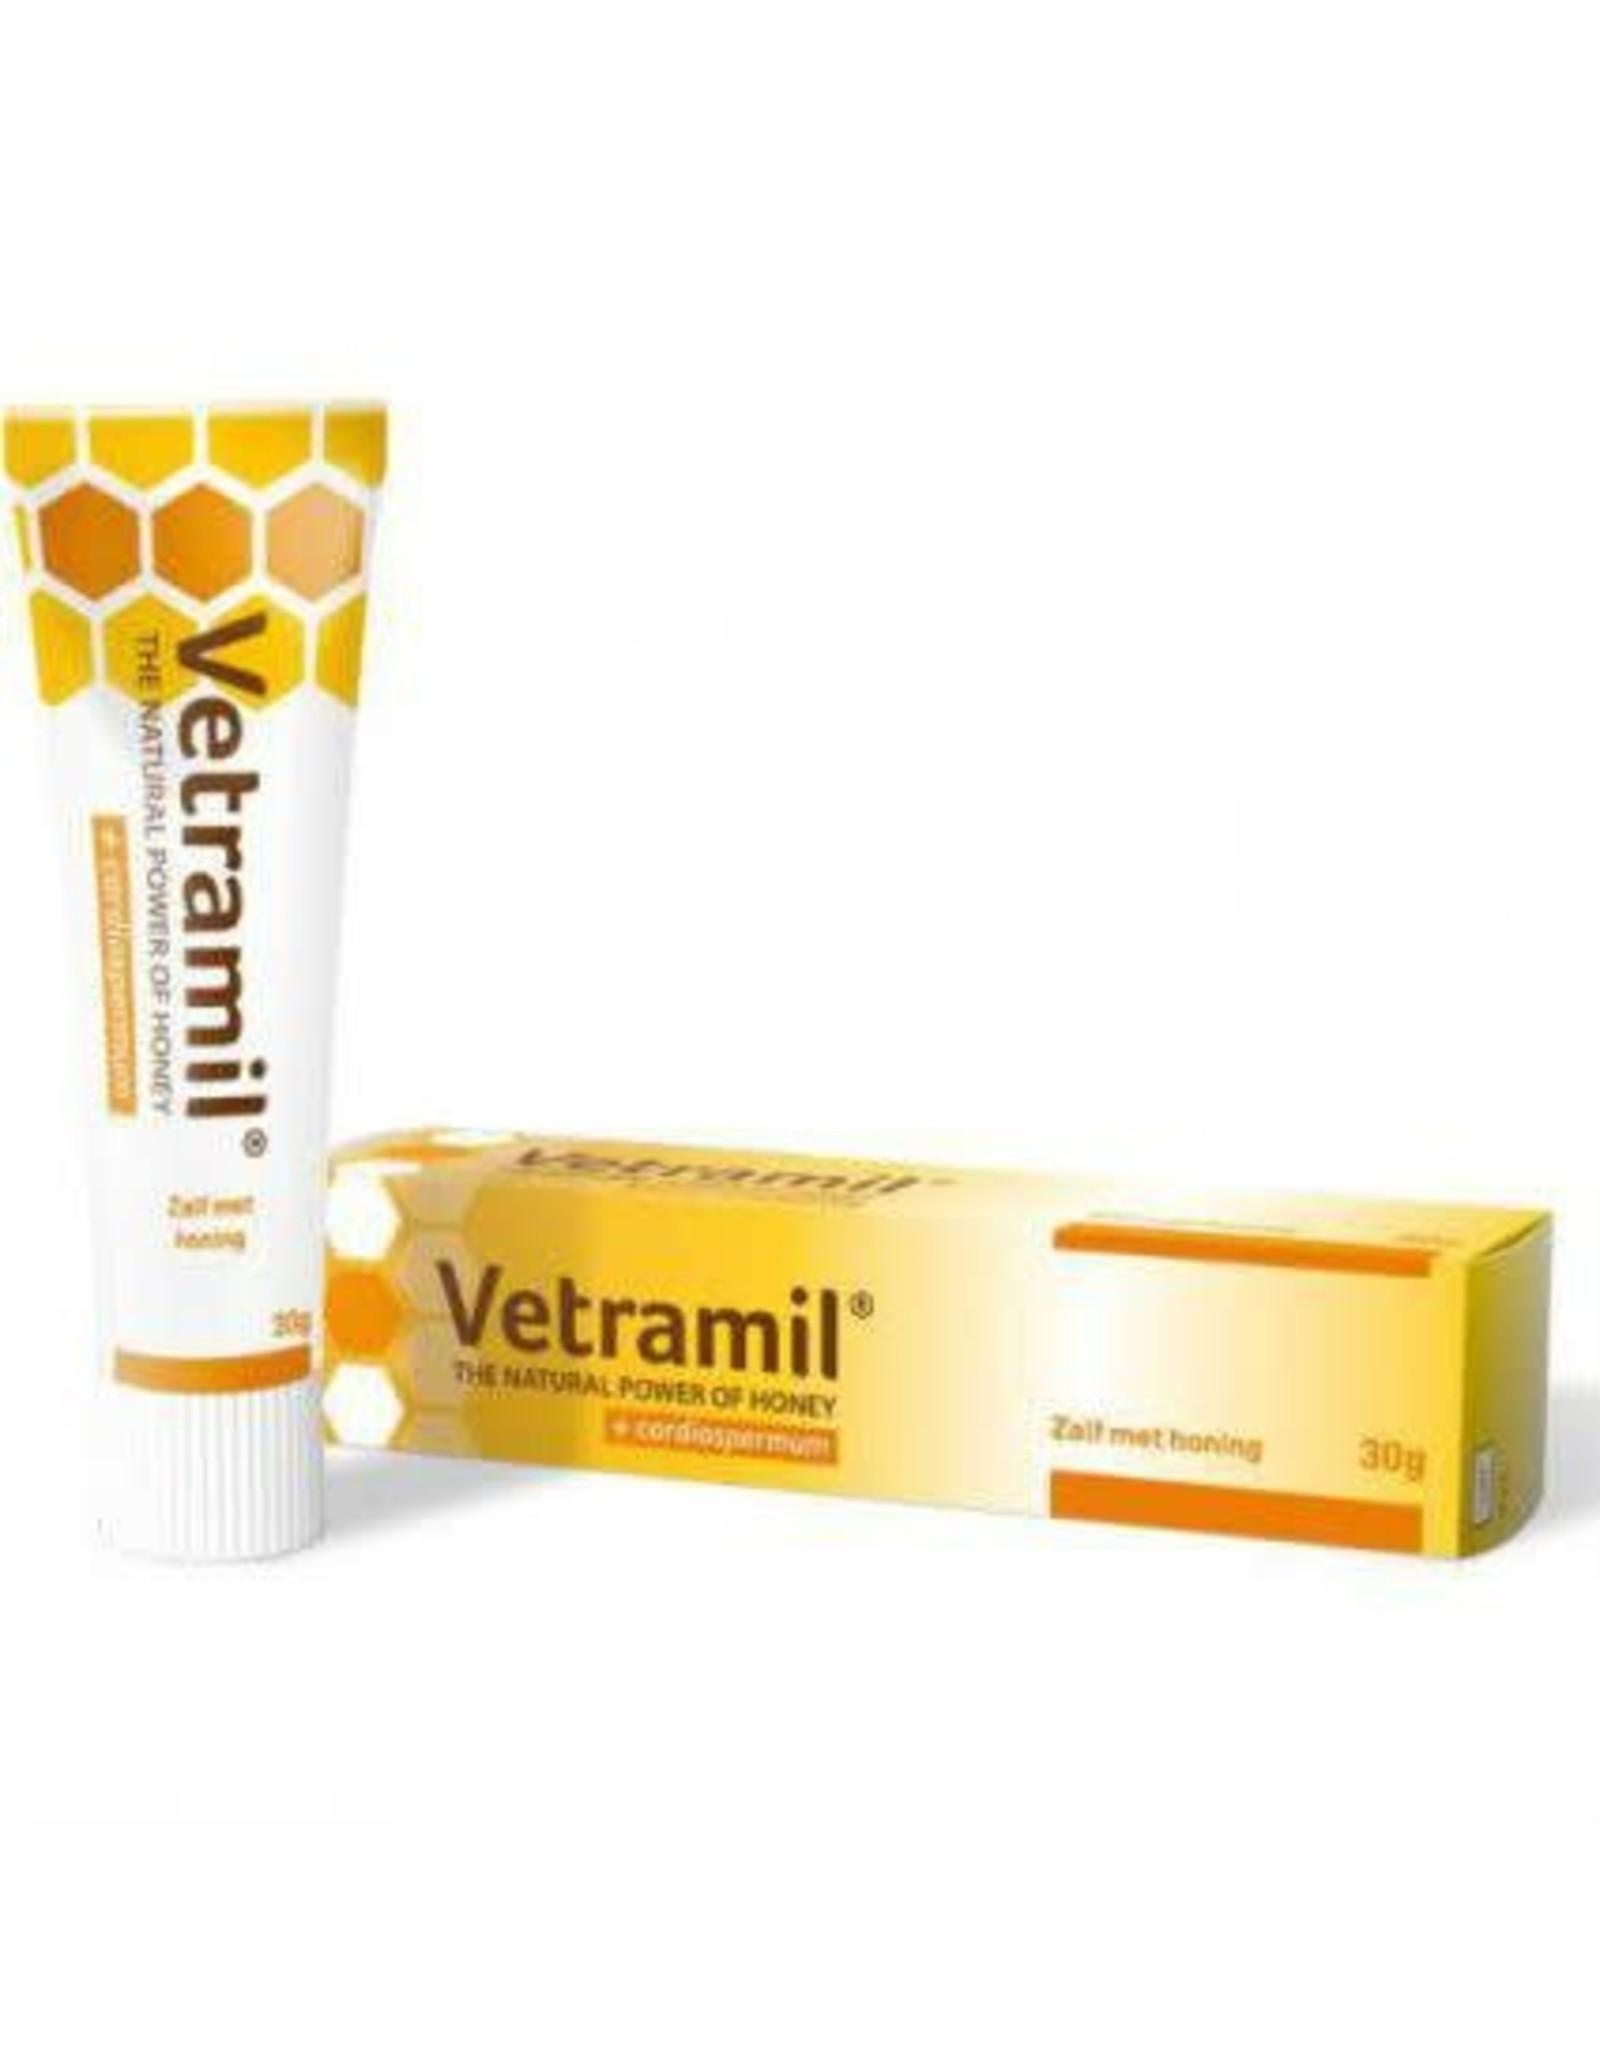 Vetramil Honingzalf - tube  30 g